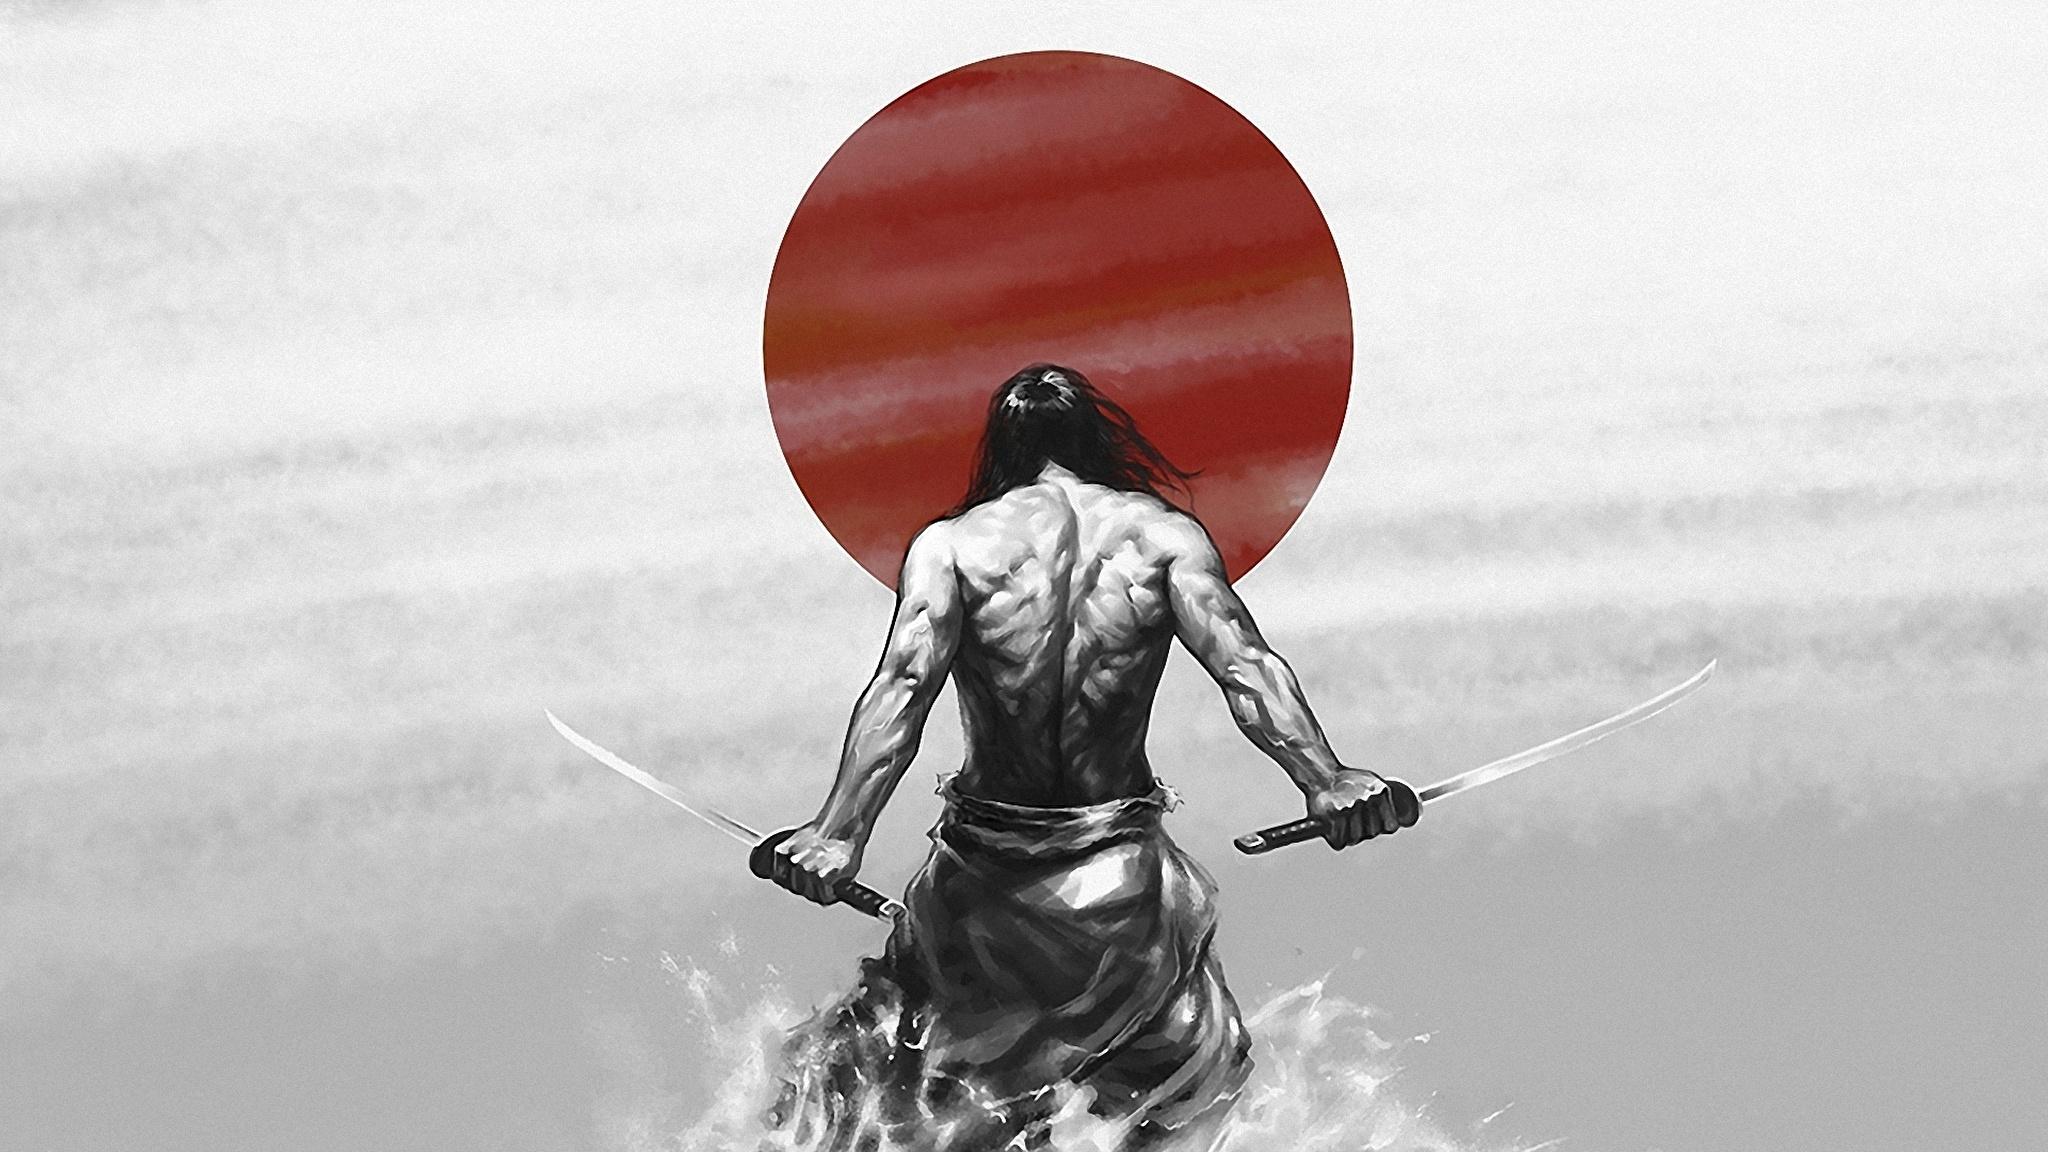 Обои на рабочий стол в стиле самураев